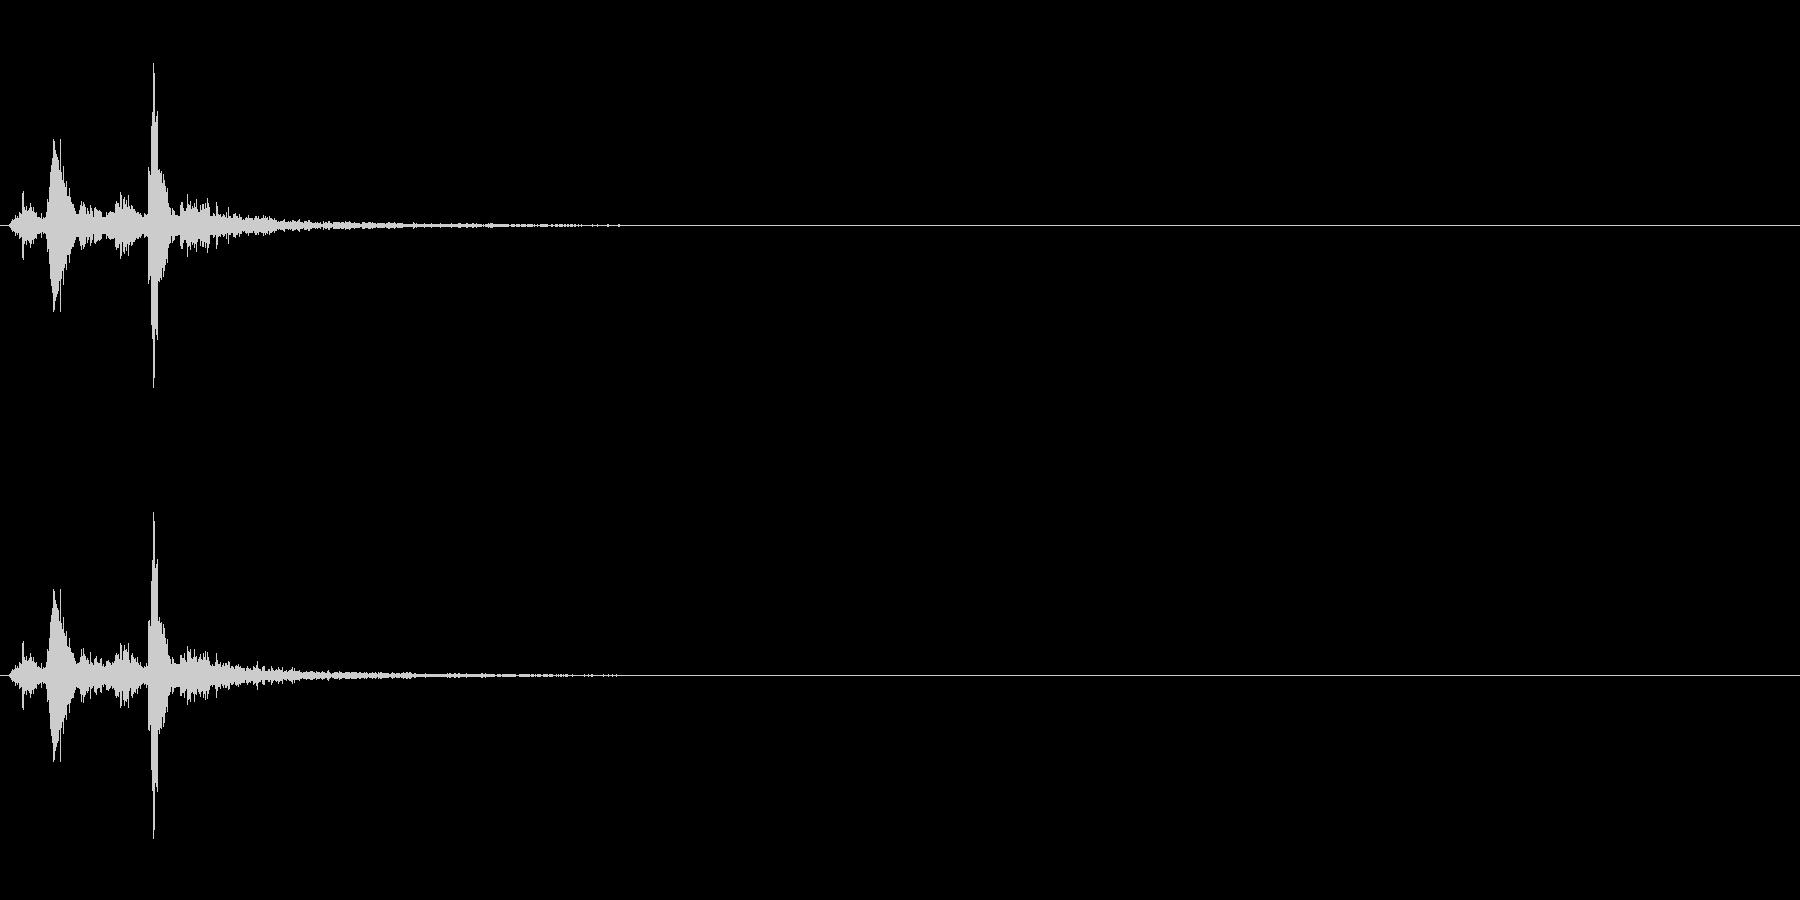 【生録音】神楽鈴「シャンシャン」の未再生の波形